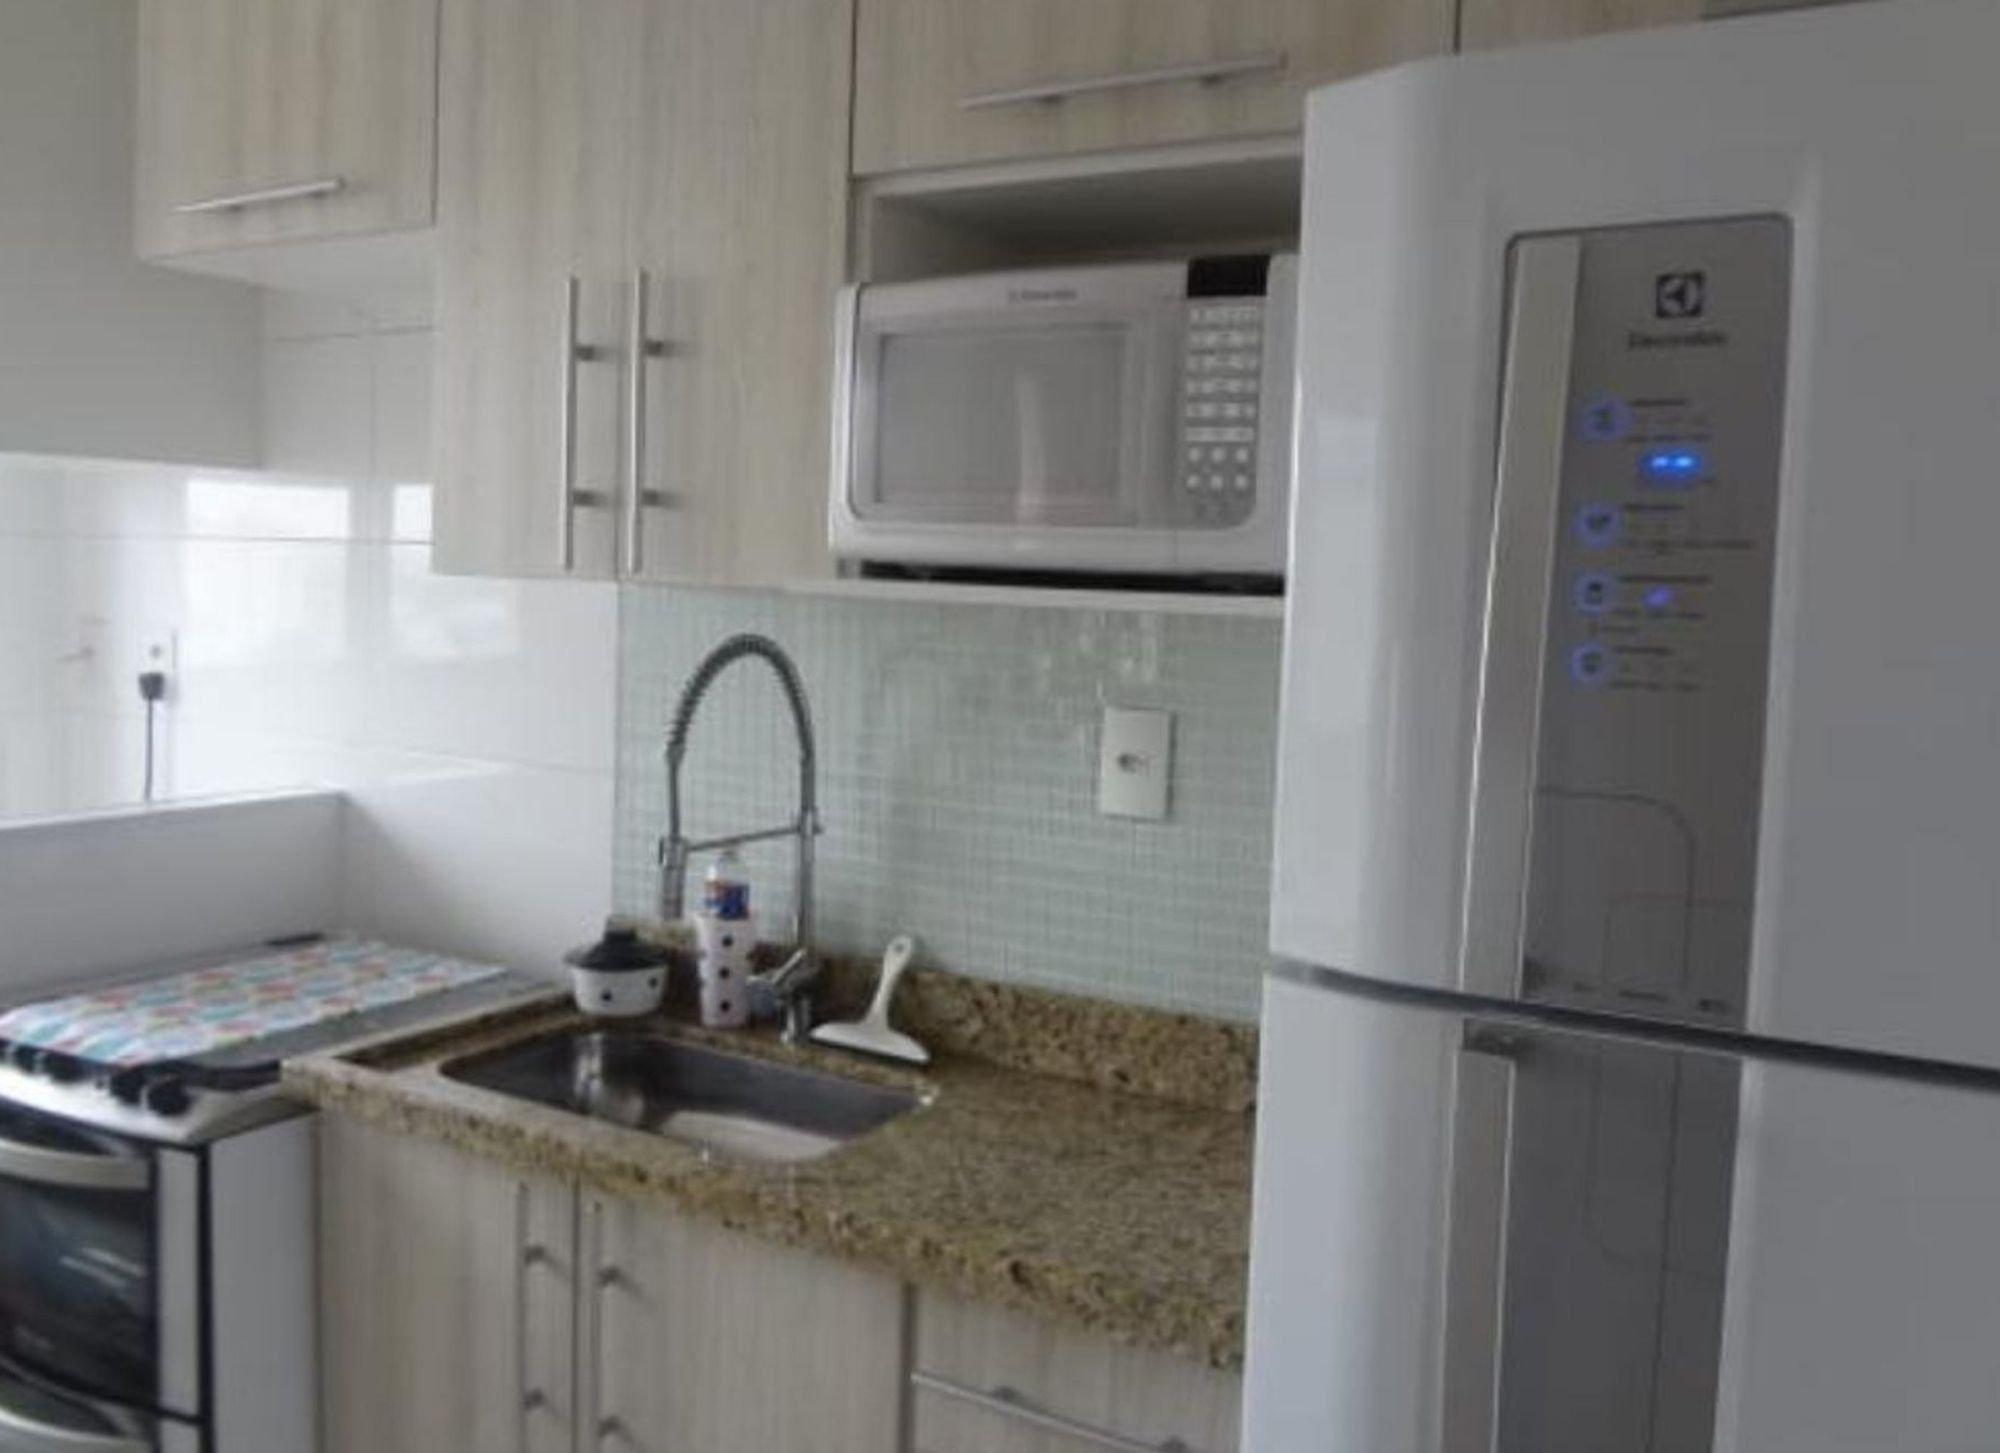 Foto de Cozinha com forno, geladeira, pia, microondas